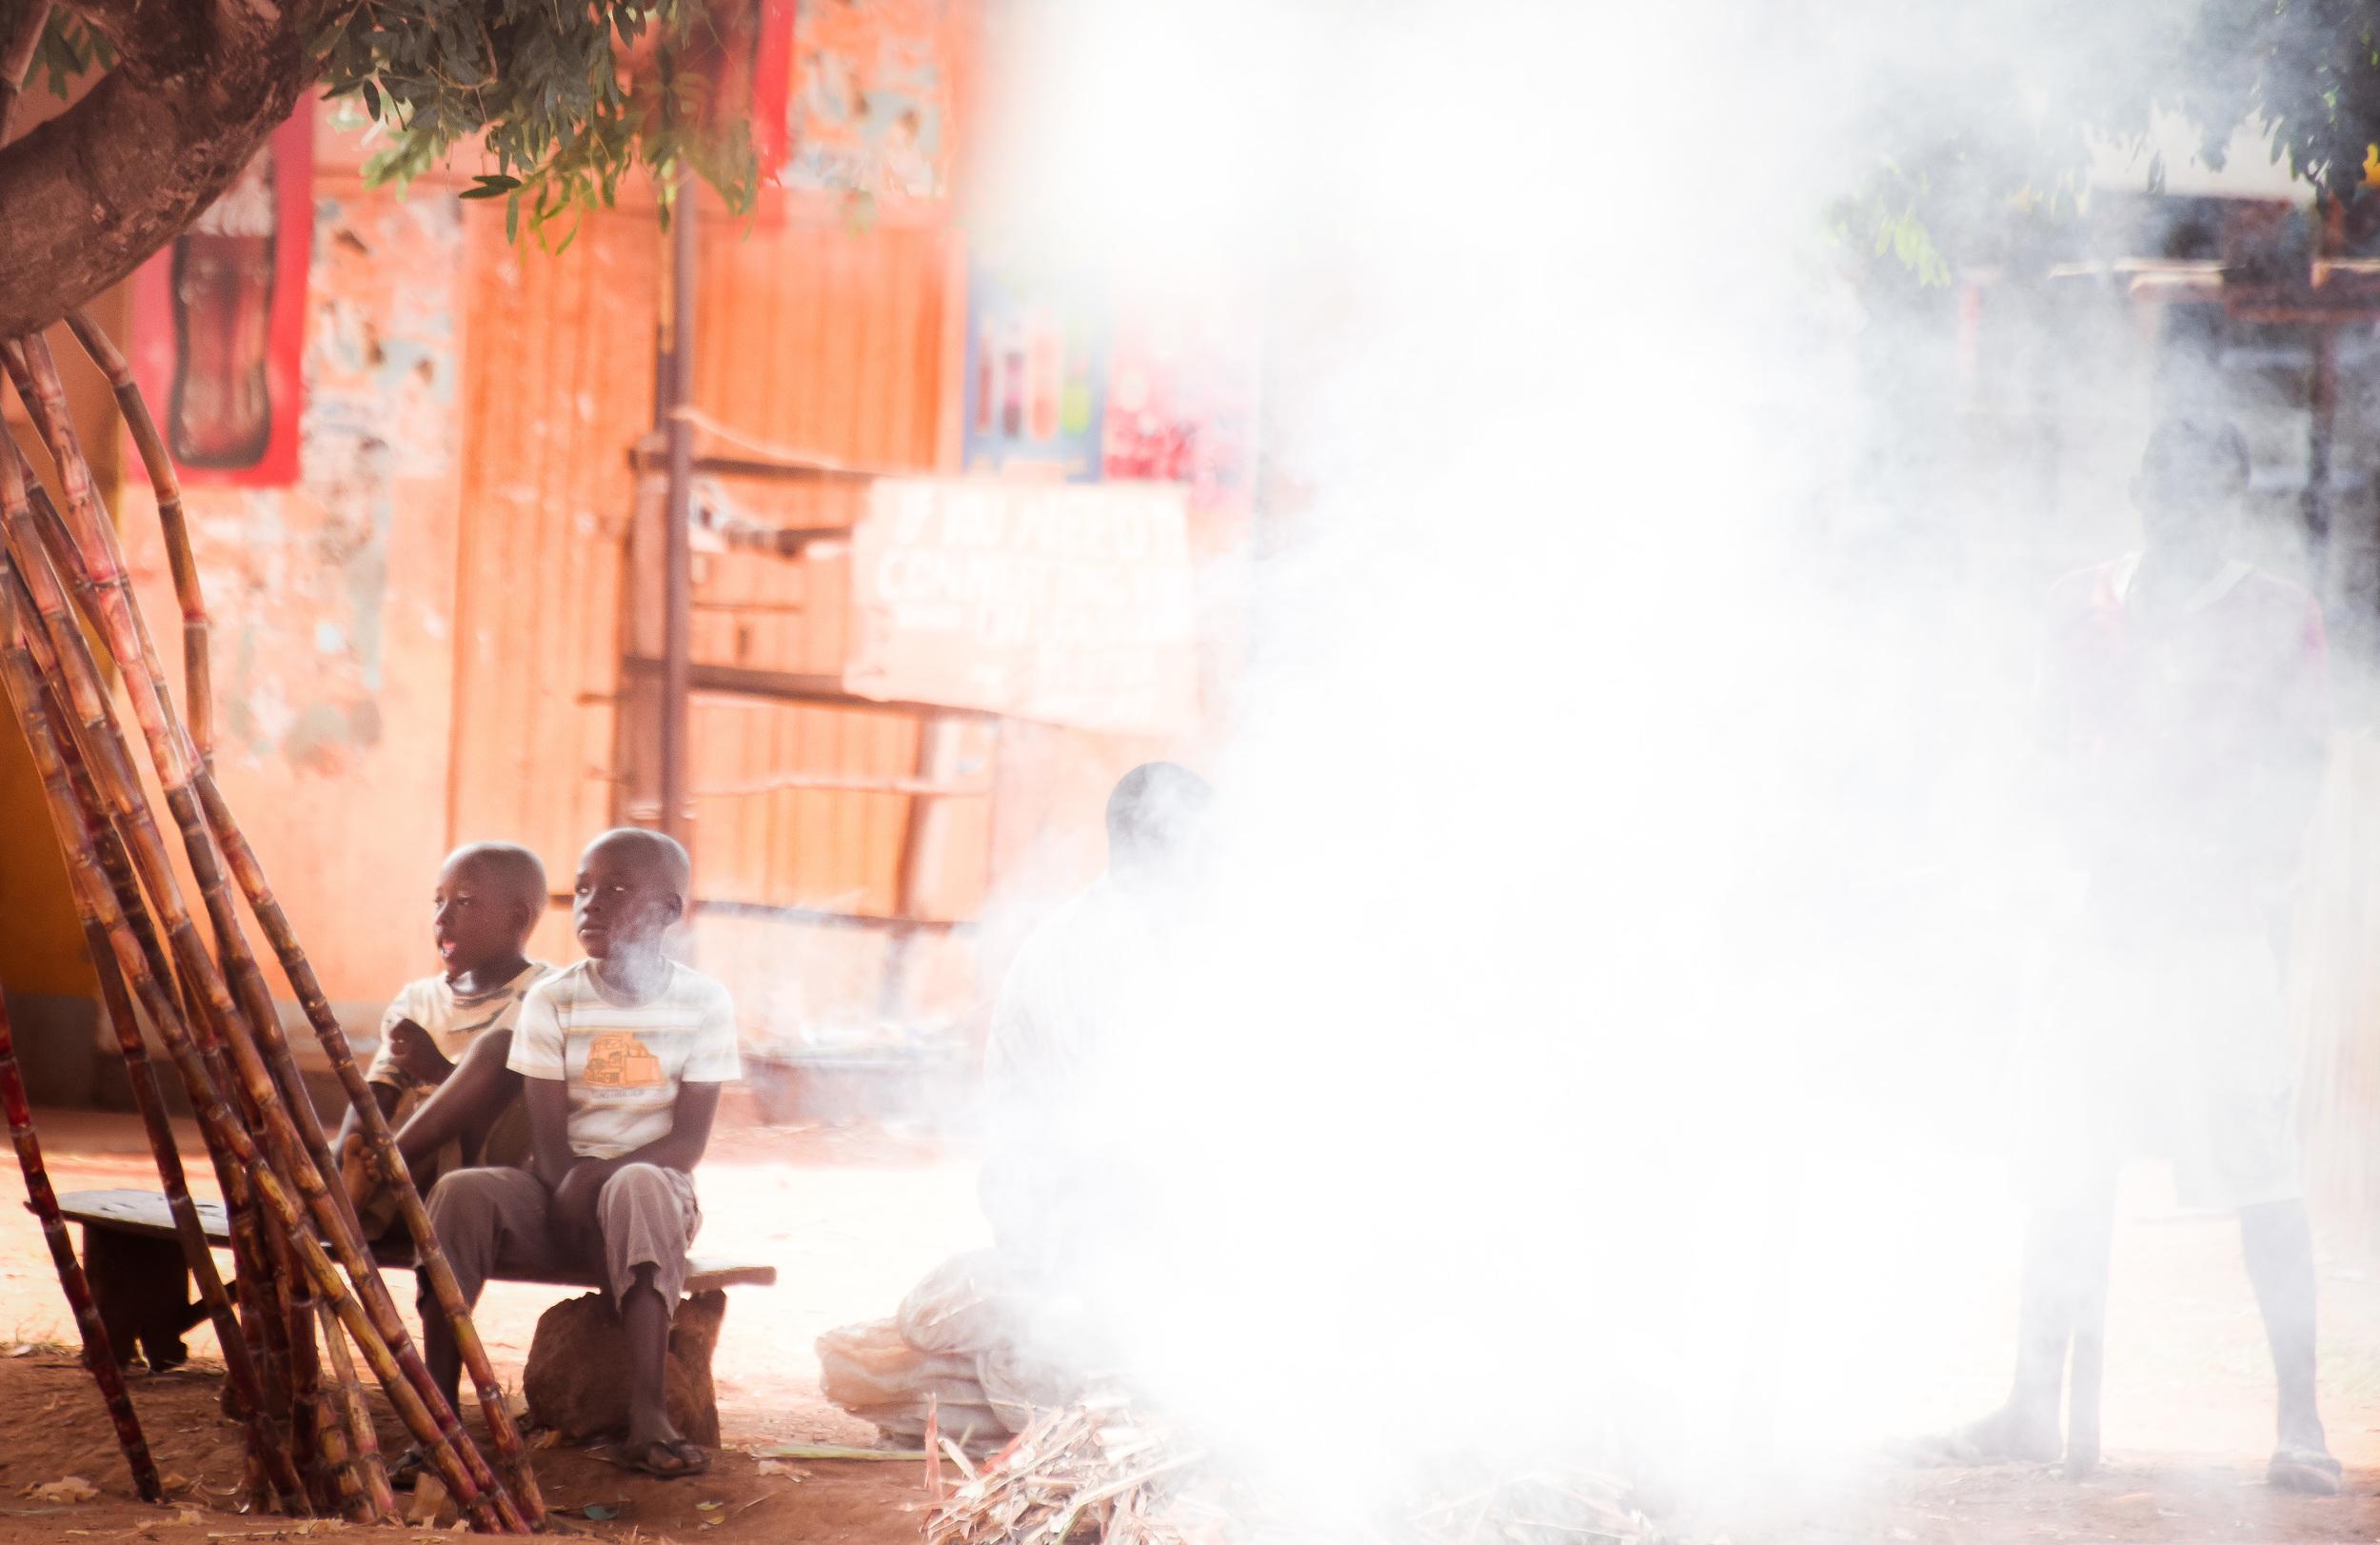 uganda5 (1 of 1).jpg